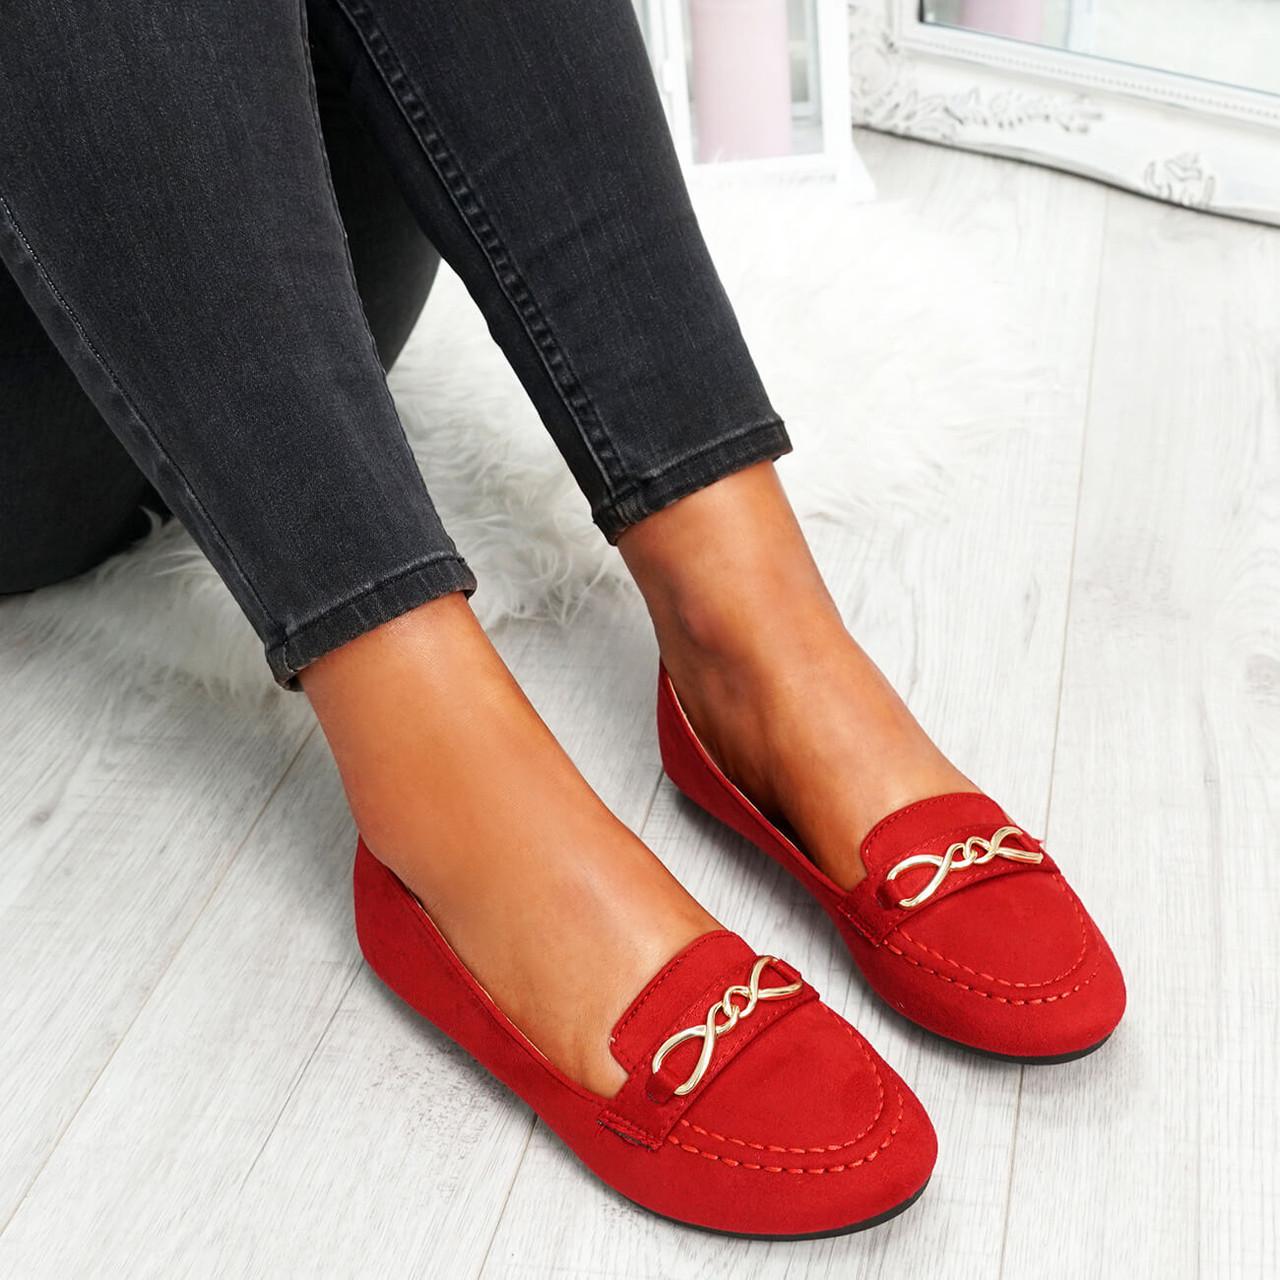 Rexxa Red Flat Ballerinas